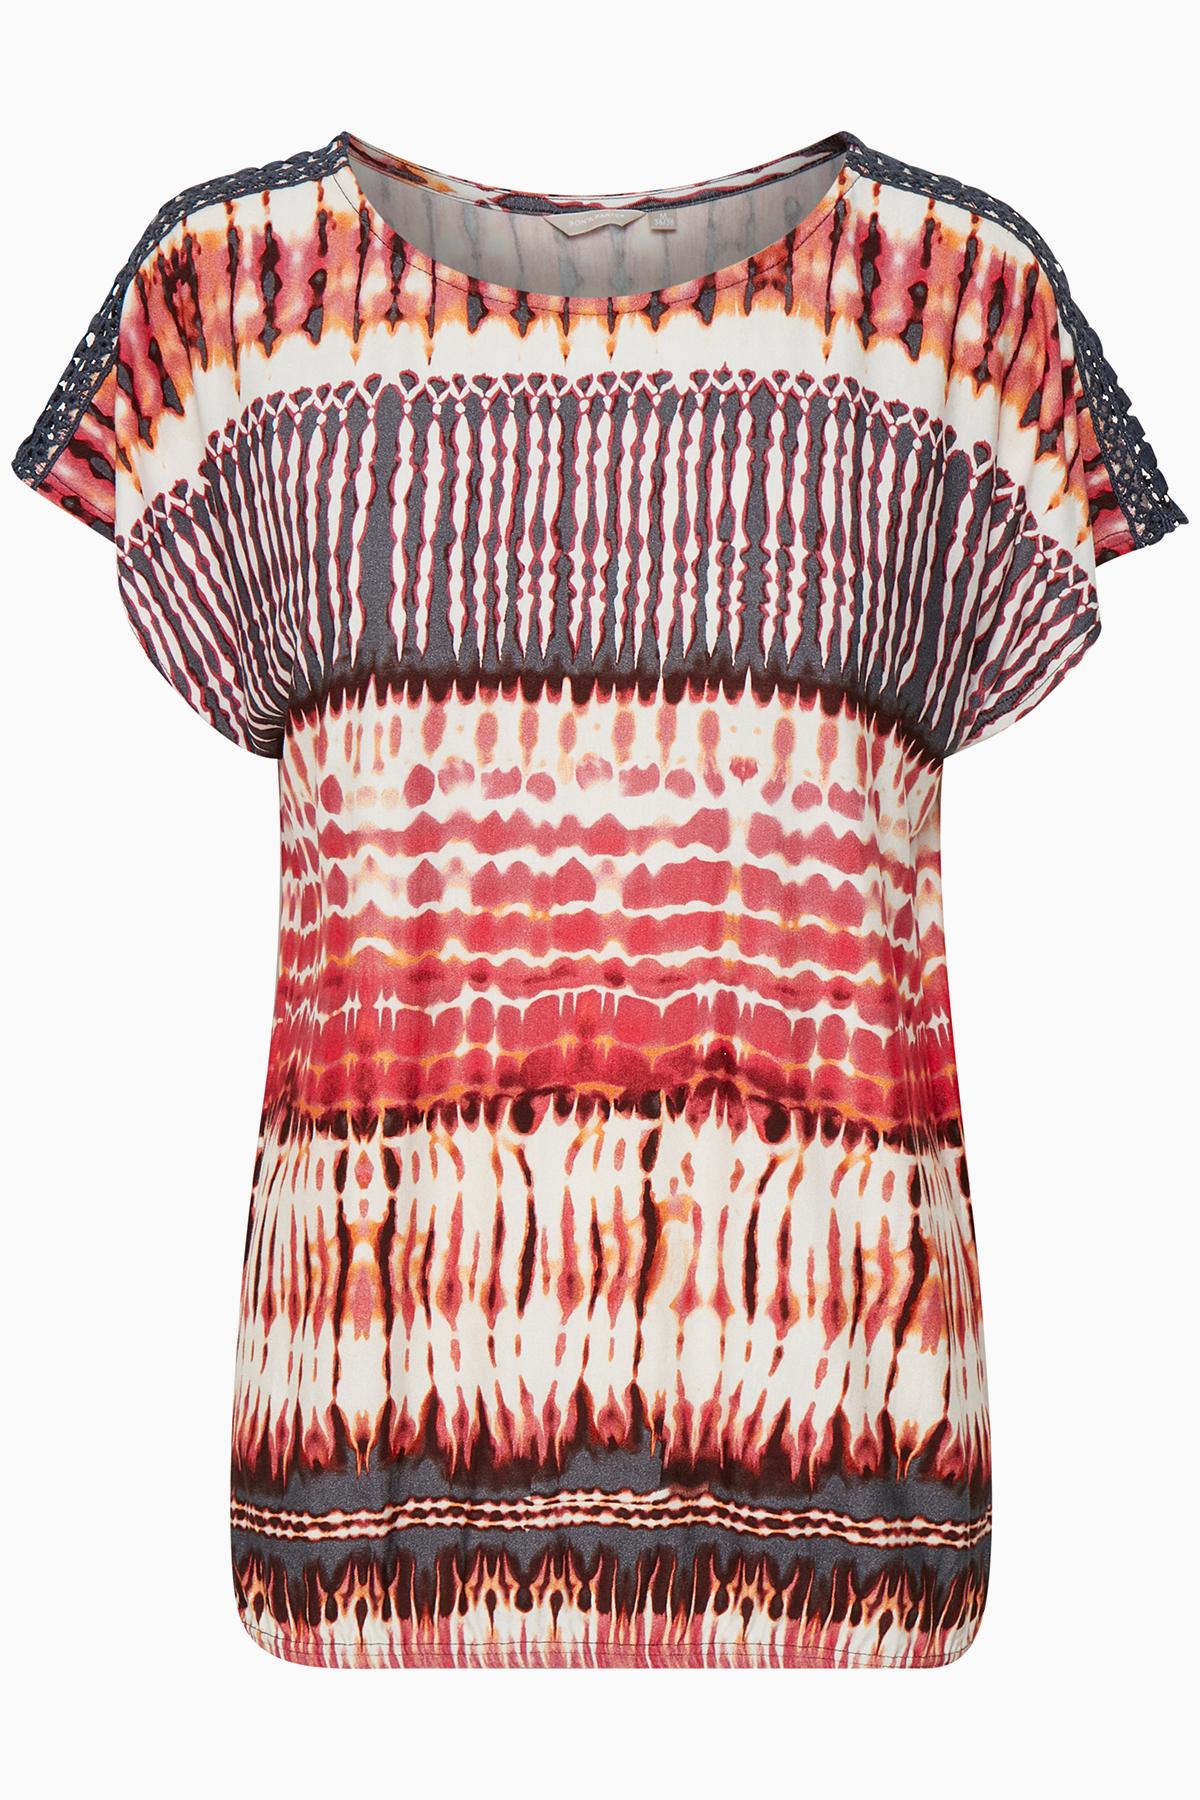 Pink/schwarz Kurzarm-Bluse von Bon'A Parte – Shoppen Sie Pink/schwarz Kurzarm-Bluse ab Gr. S-2XL hier